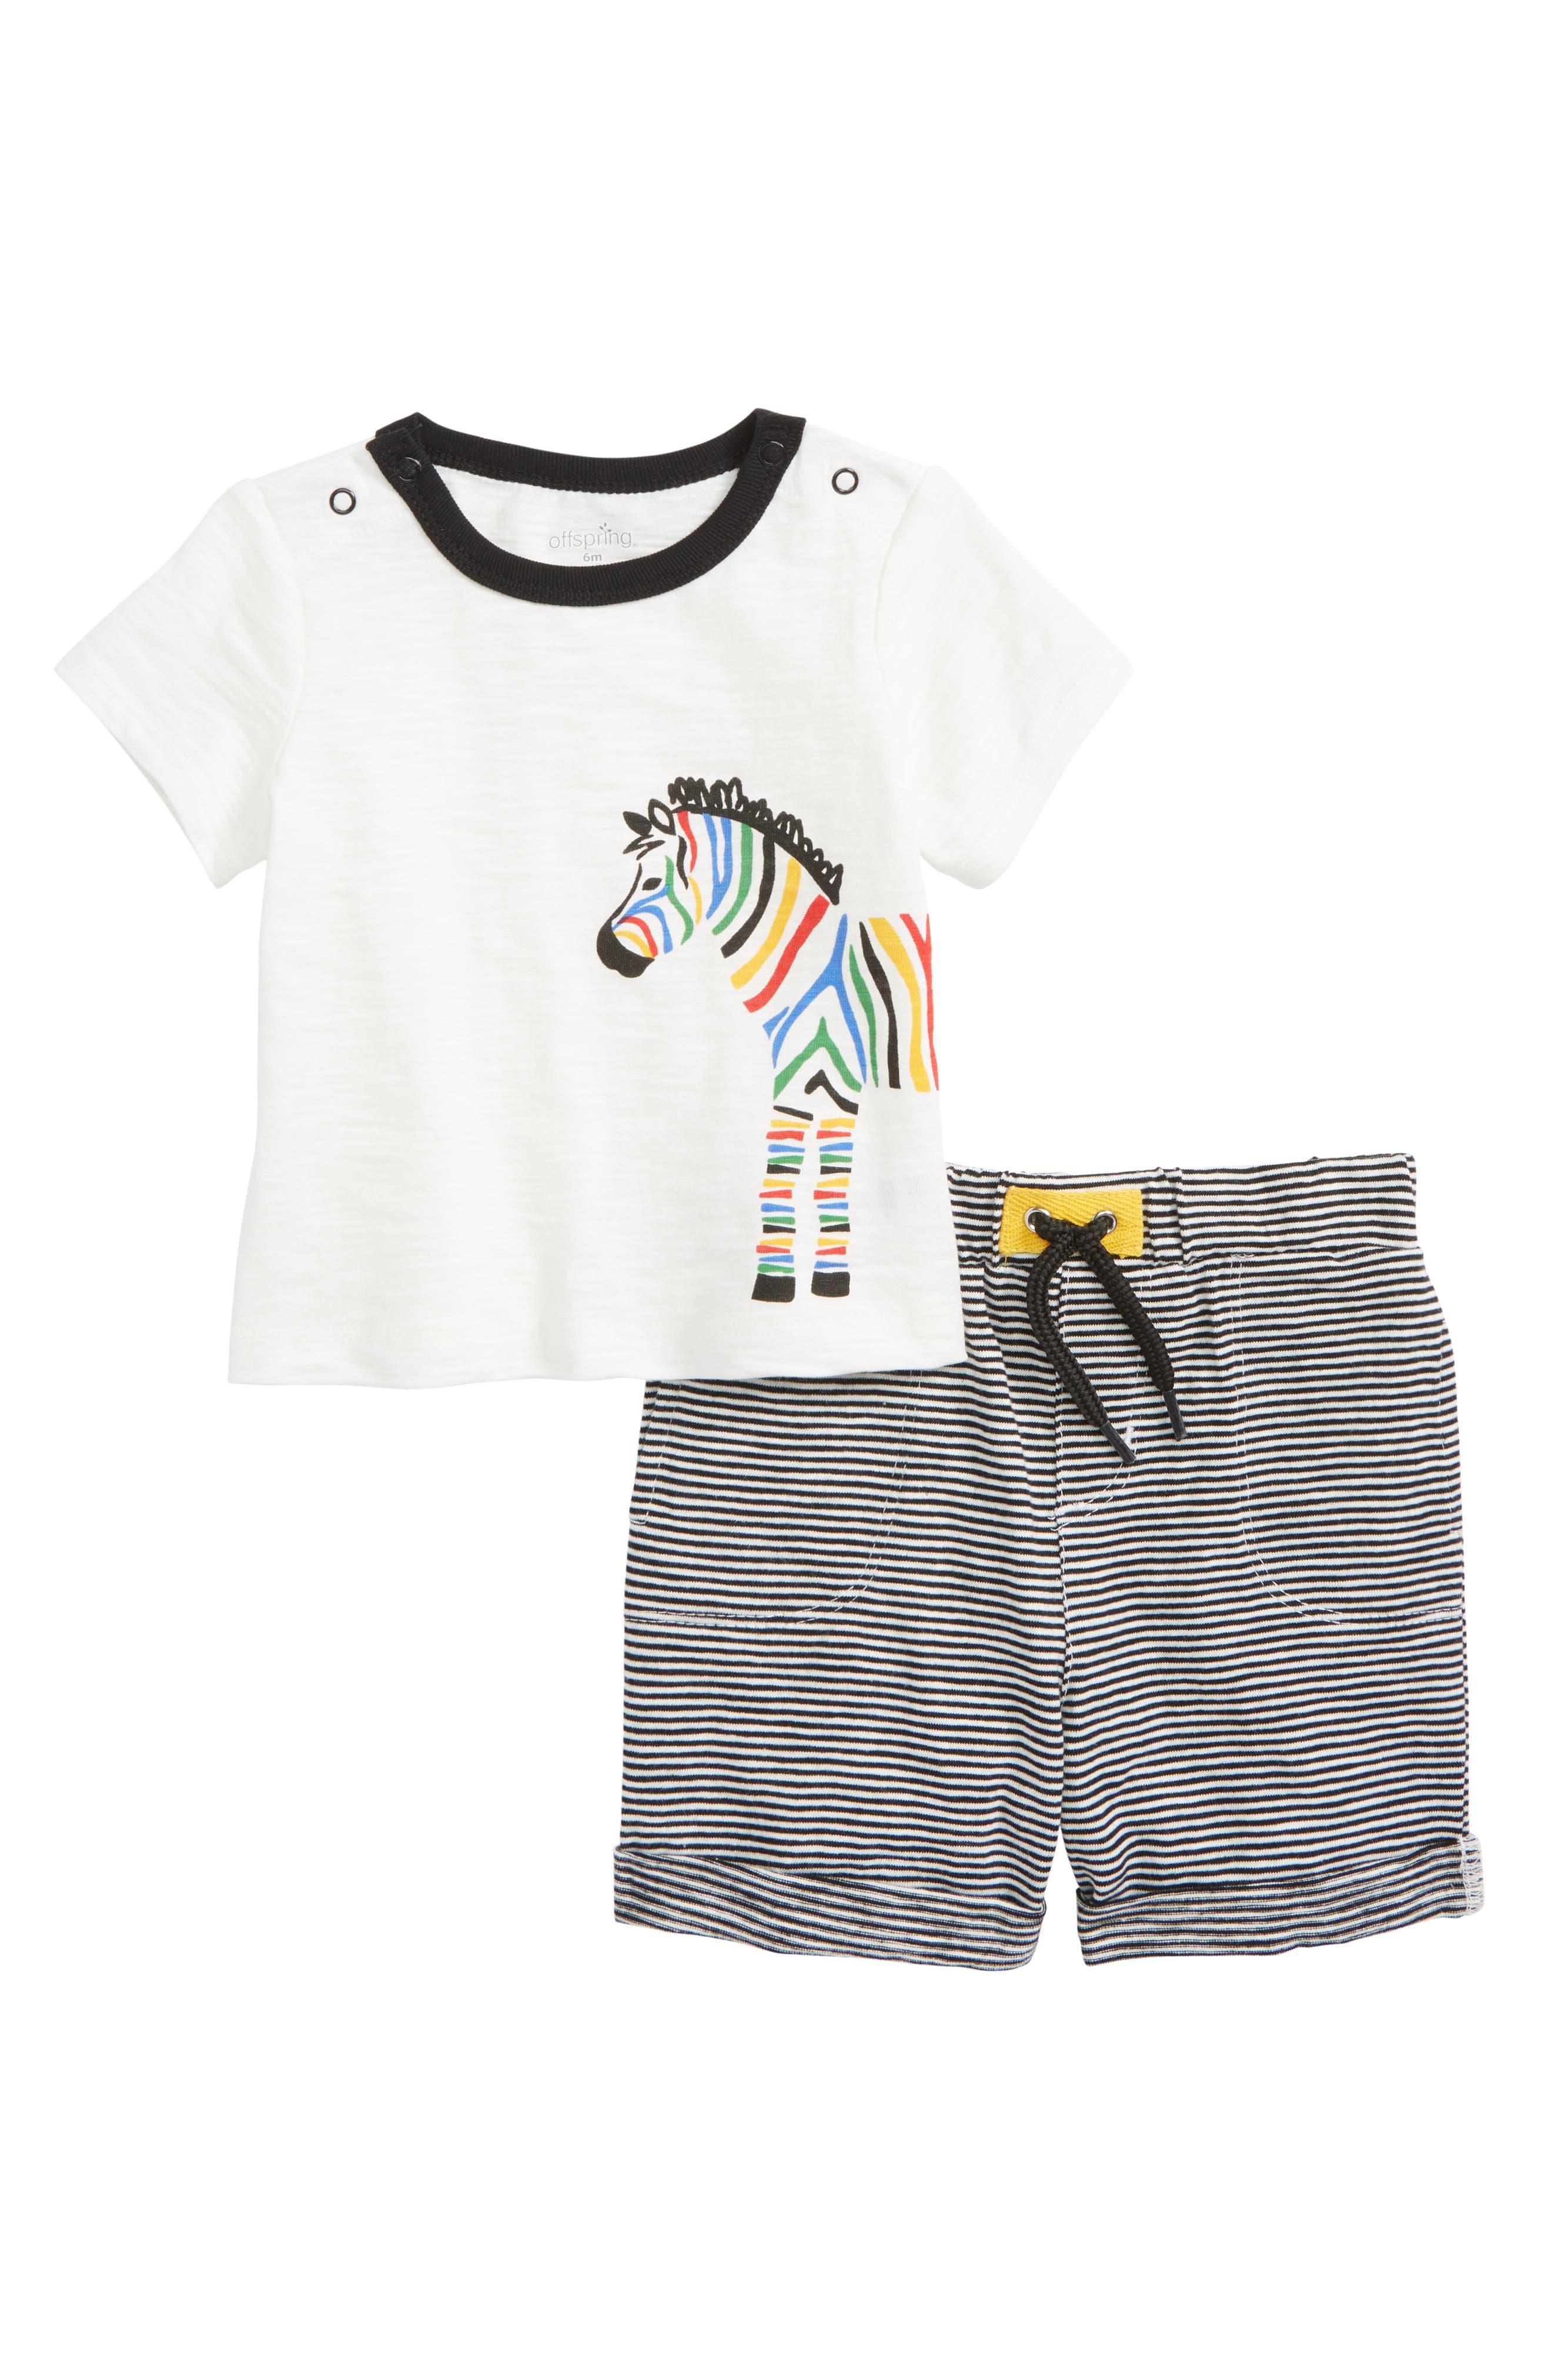 Zebra Stripe T-Shirt & Shorts Set,                             Main thumbnail 1, color,                             White/ Black